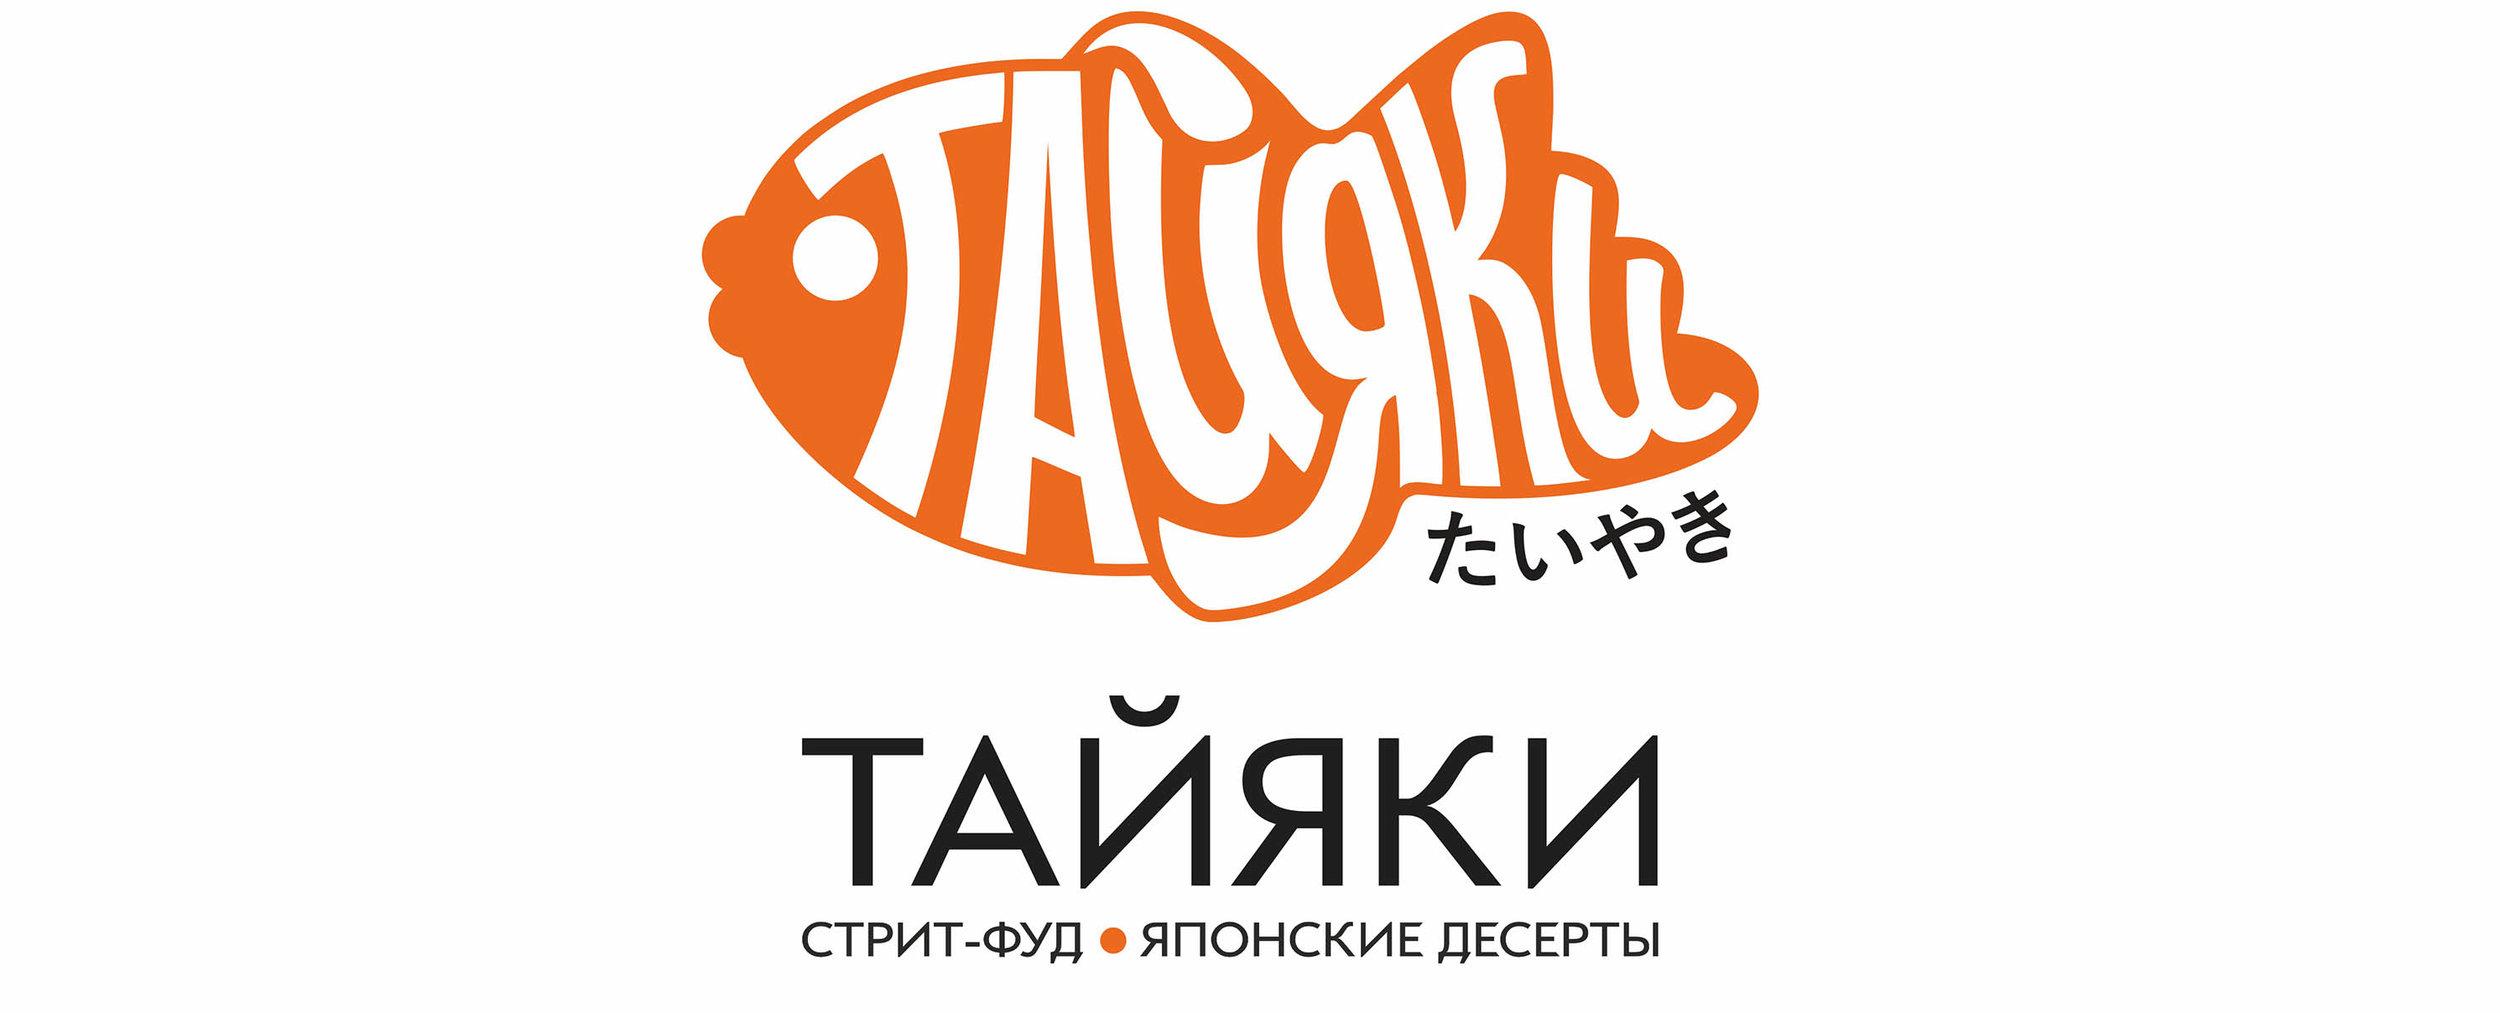 taiyaki cafe.jpg